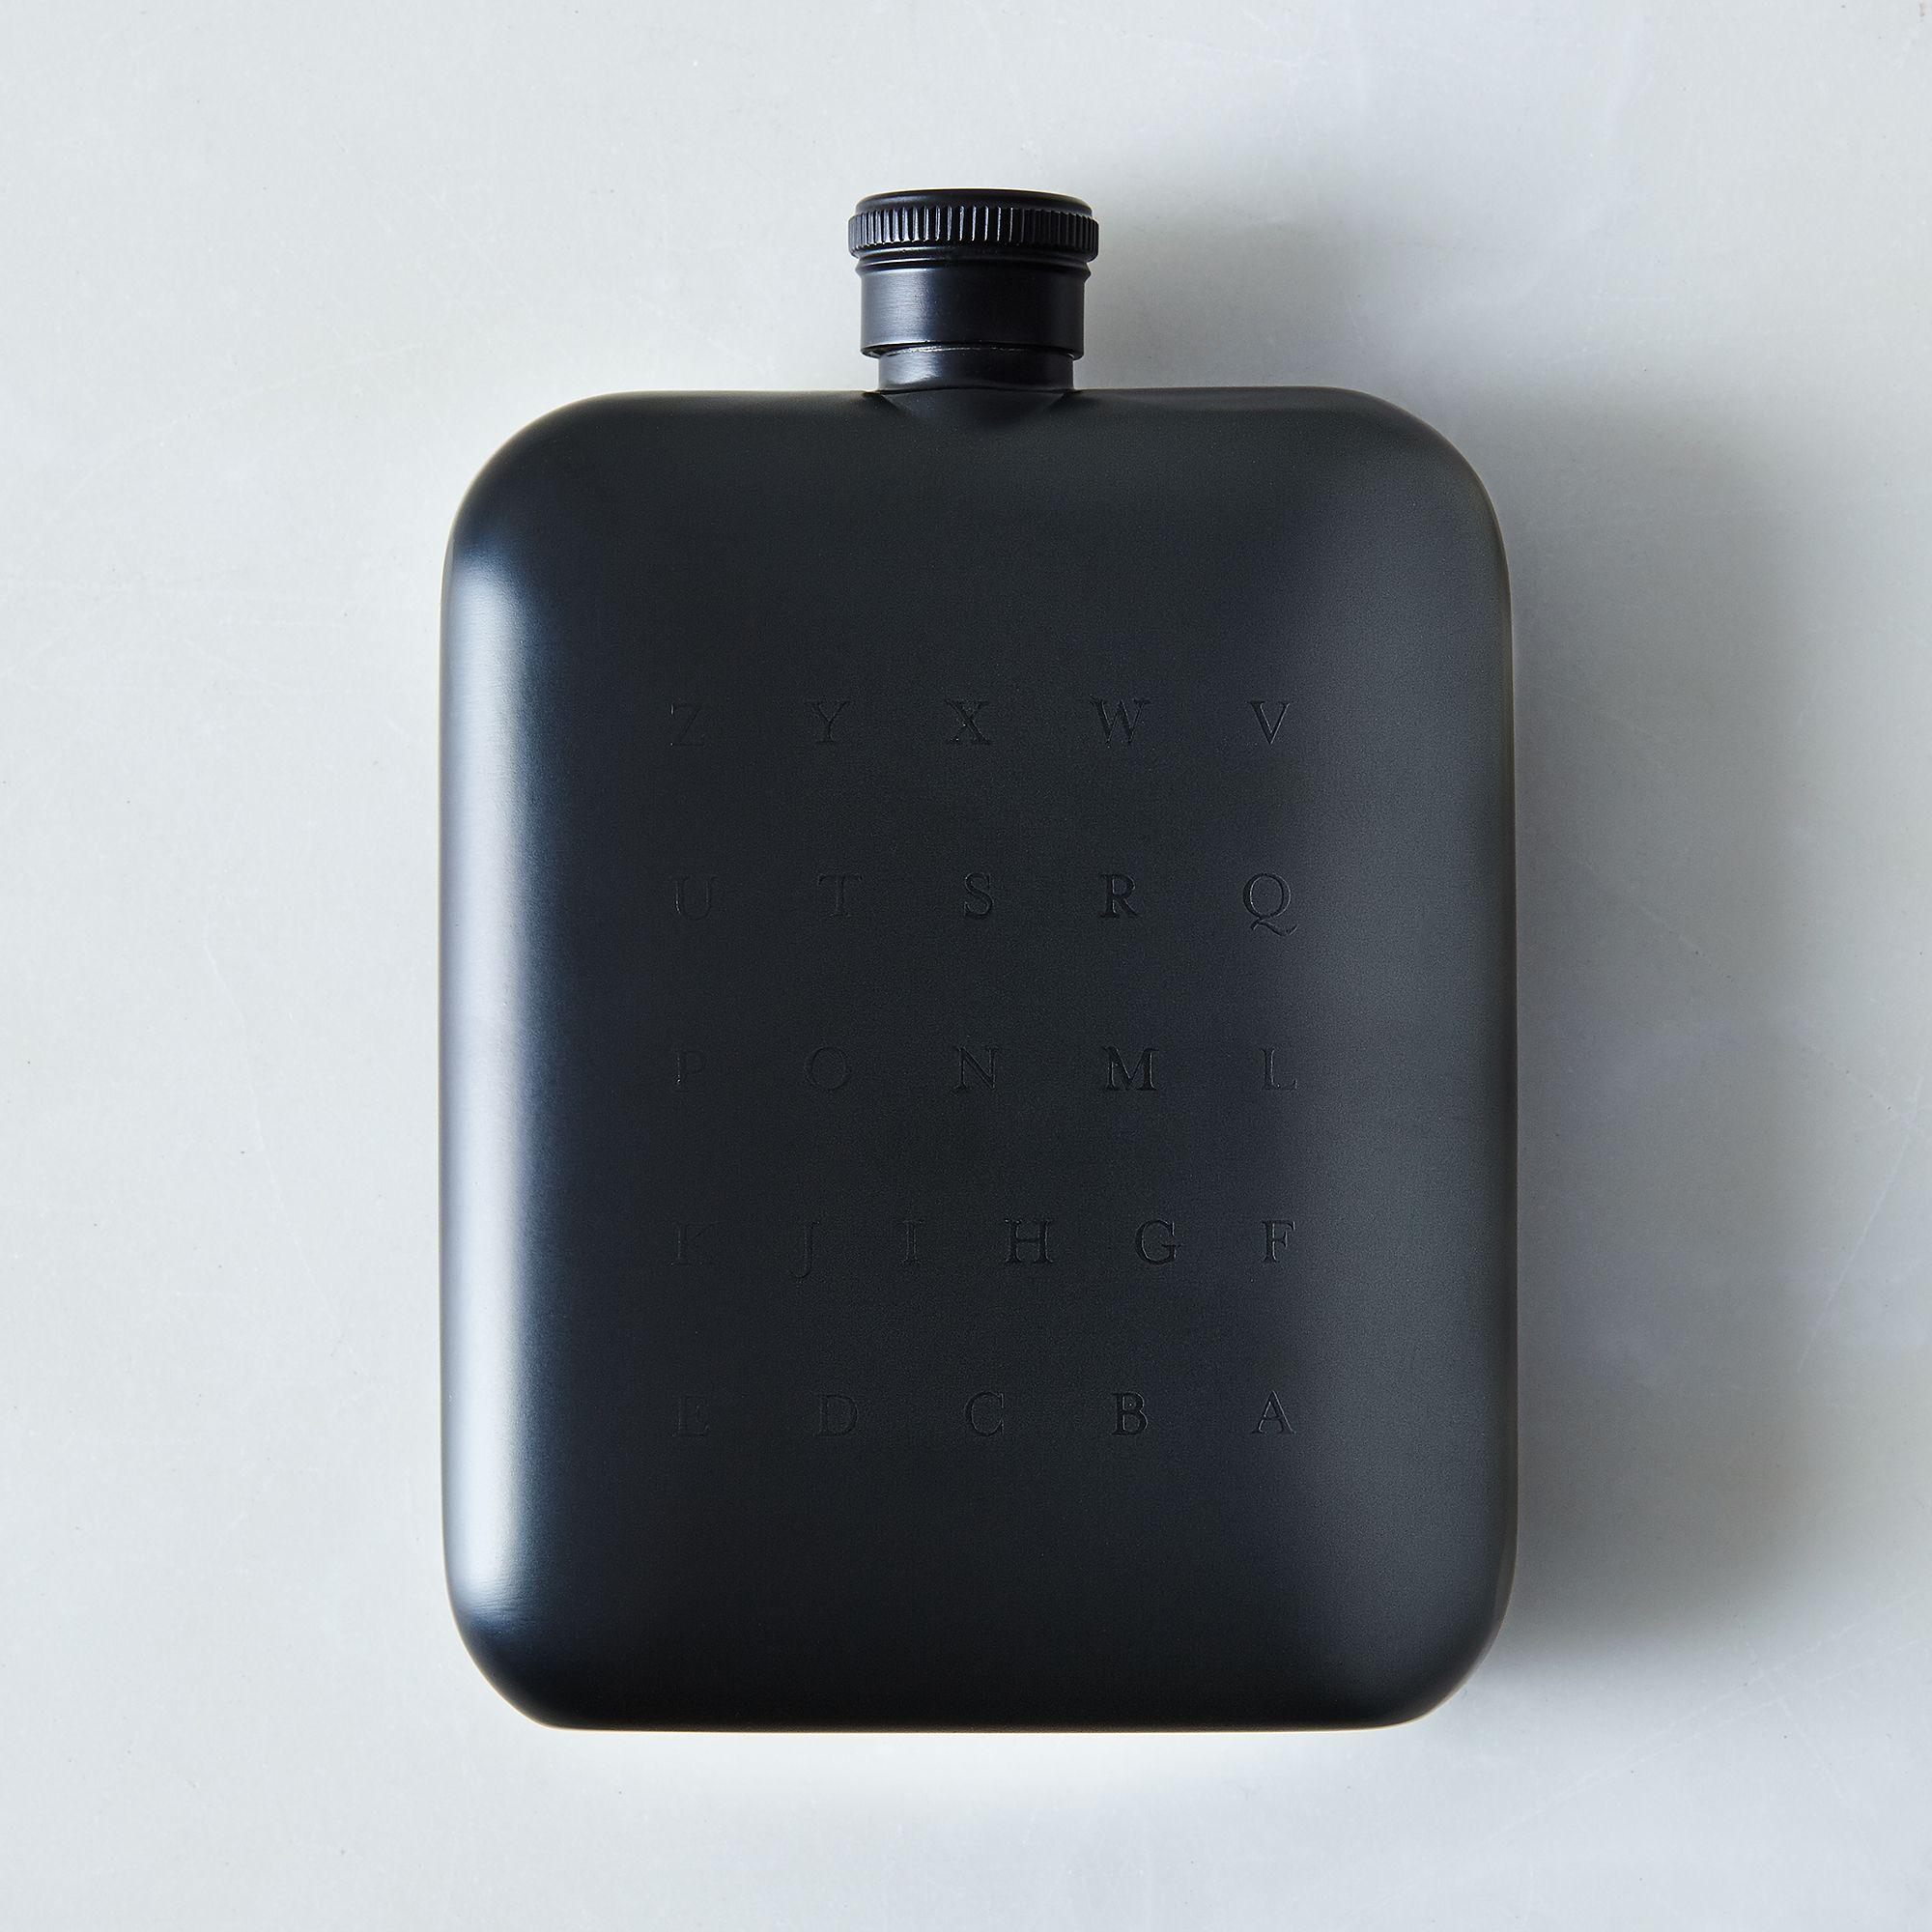 Efd813f5 6d67 427f 89e8 f5c578c9ad55  2016 1123 izola zyx matte black flask silo rocky luten 116